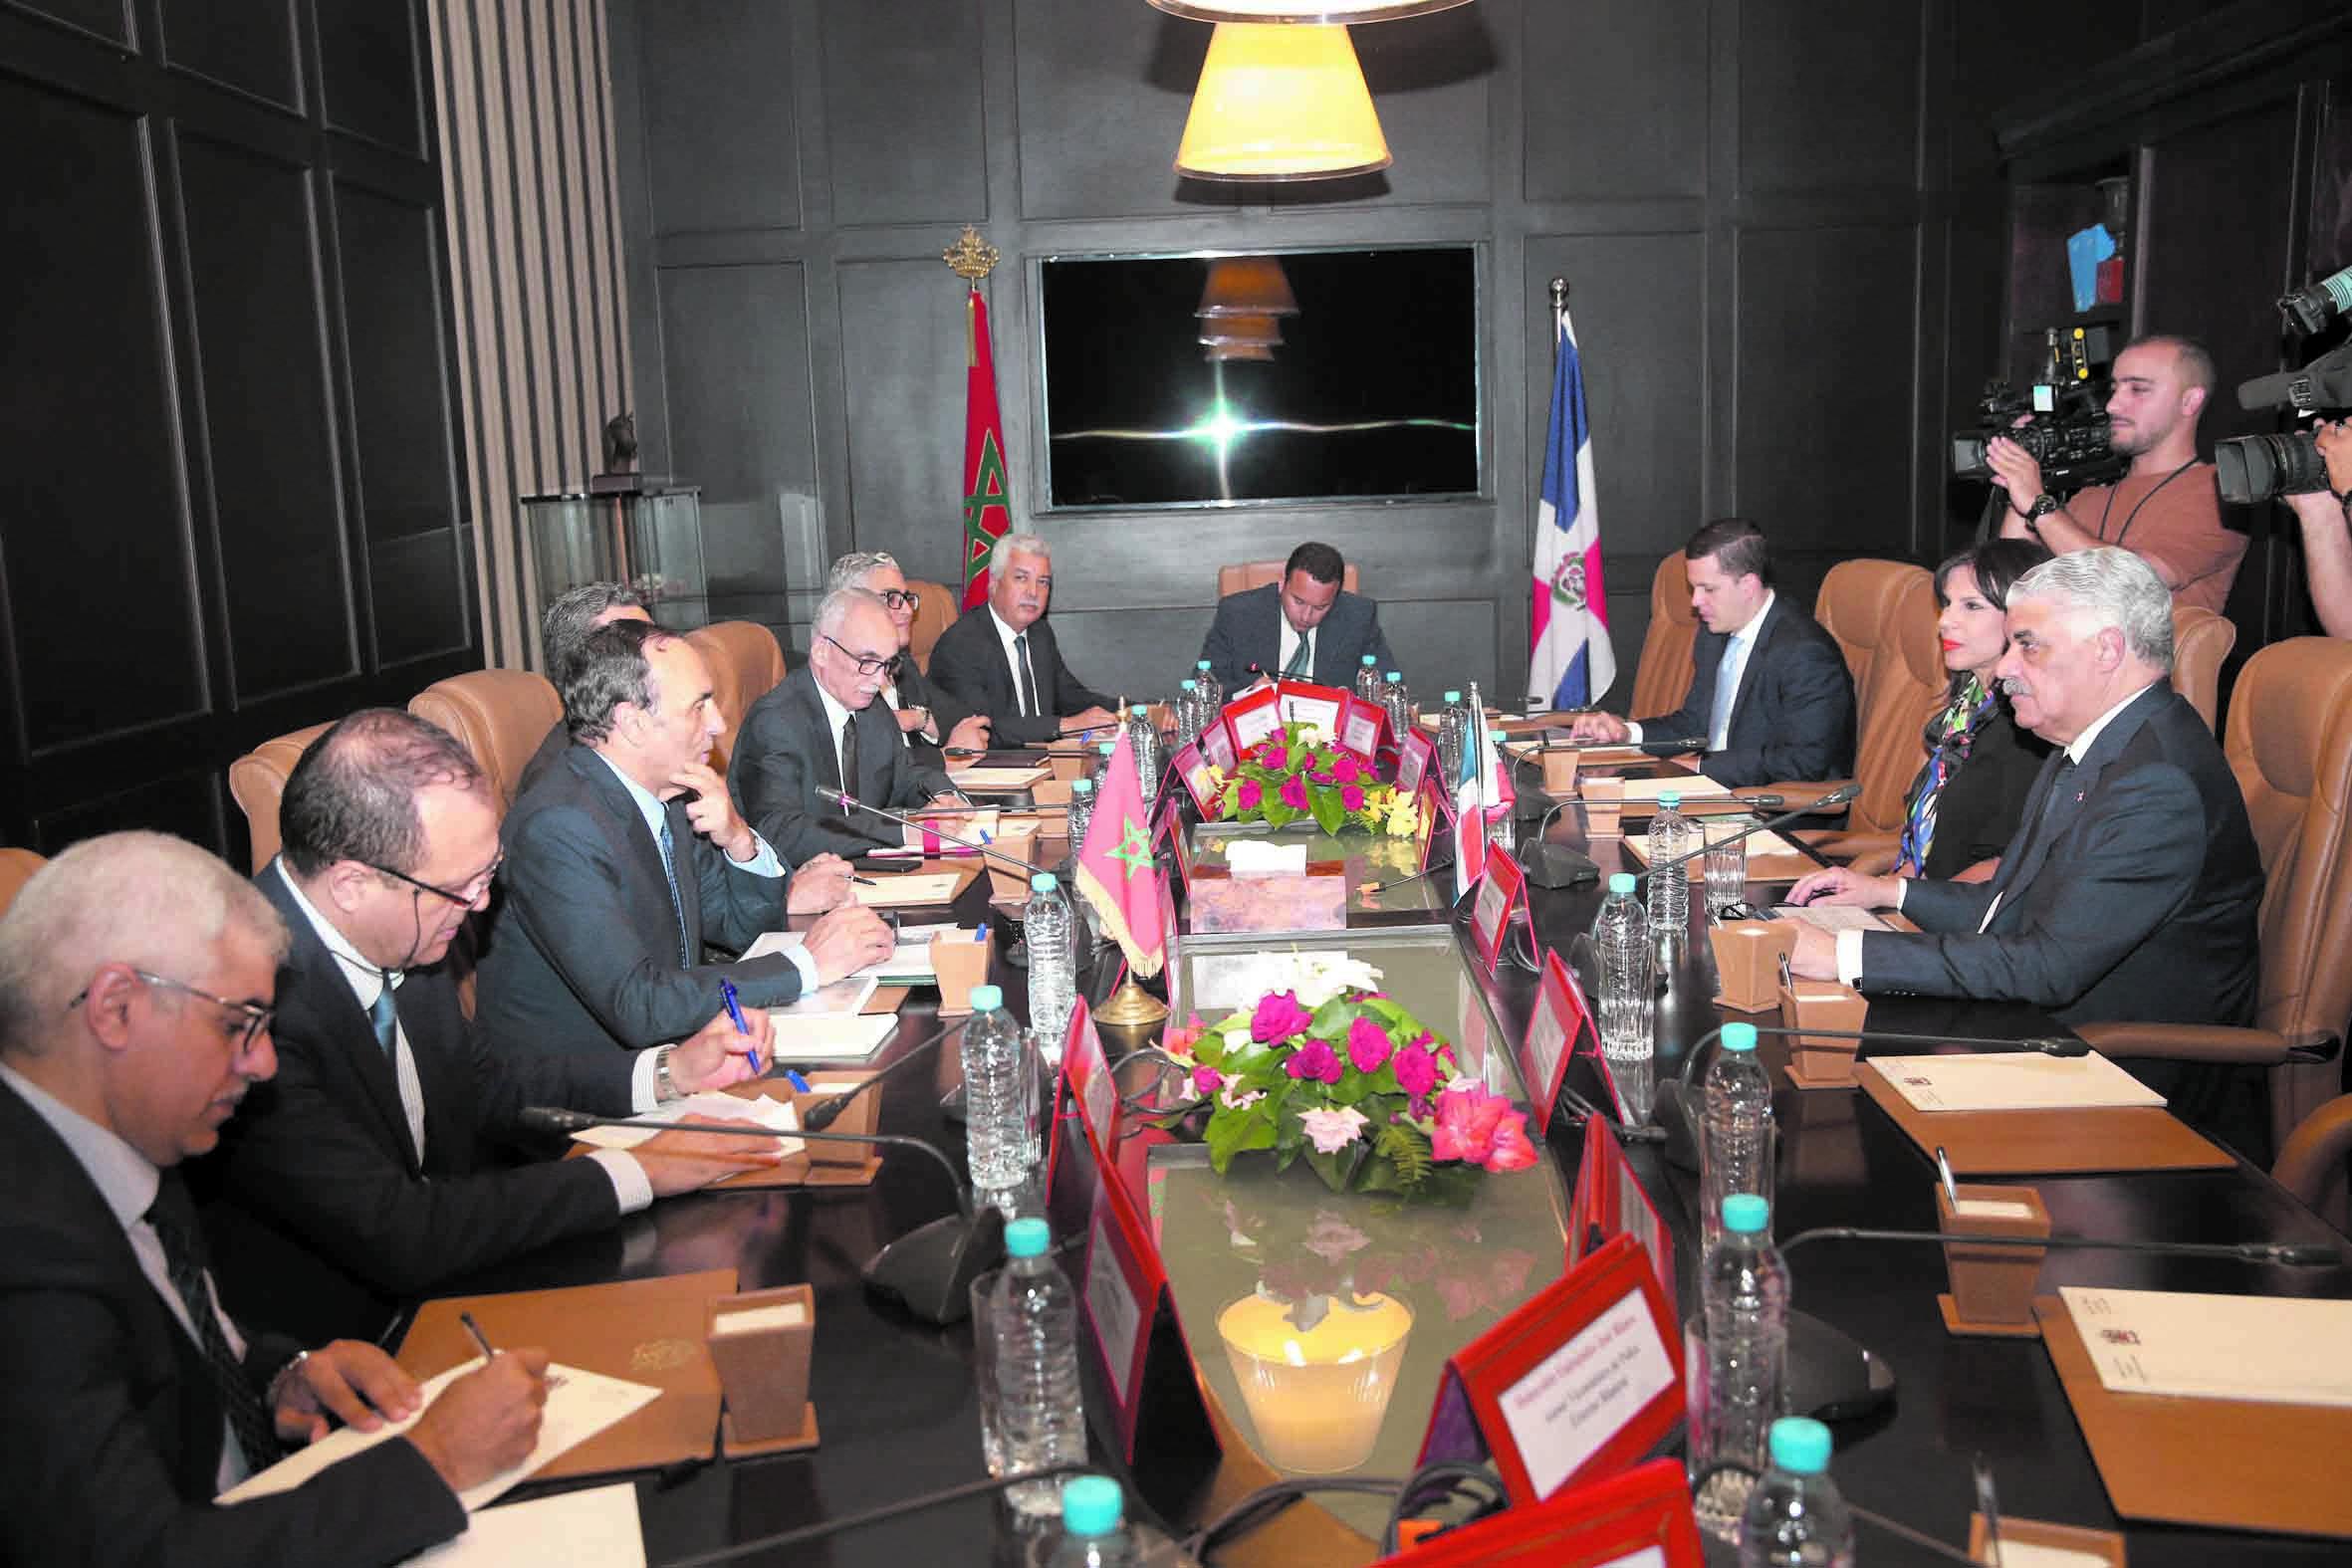 Miguel Vargas Maldonado à l'issue de son entretien avec Habib El Malki La visite de S.M le Roi Mohammed VI à la  République Dominicaine a donné une nouvelle impulsion aux relations maroco-dominicaines